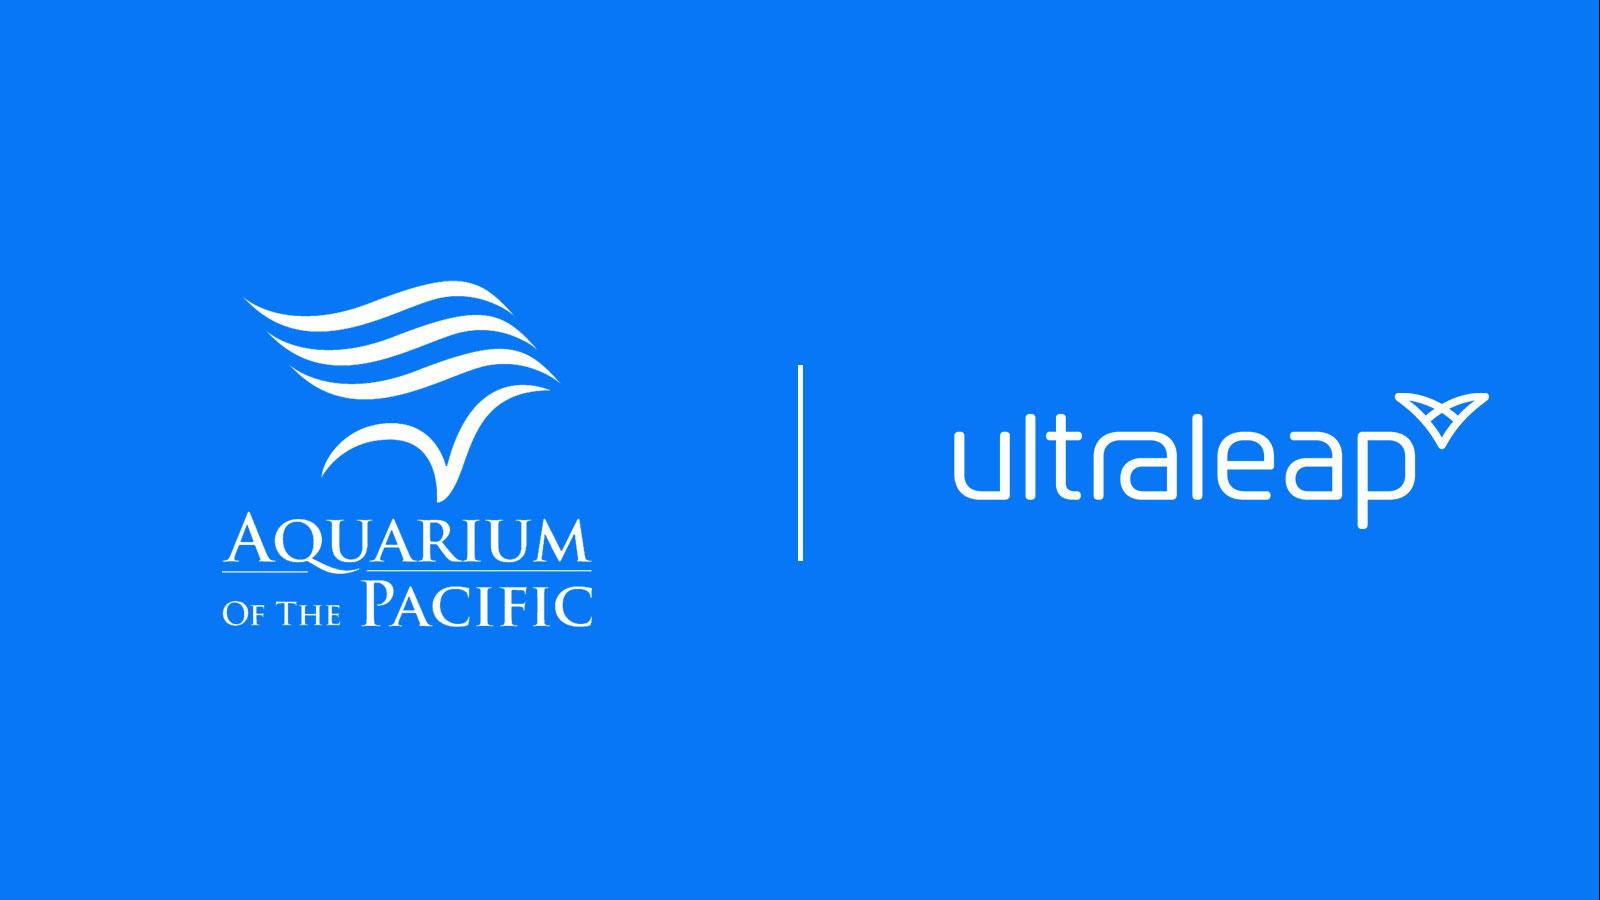 Aquarium-of-the-pacific-ultraleap-logos